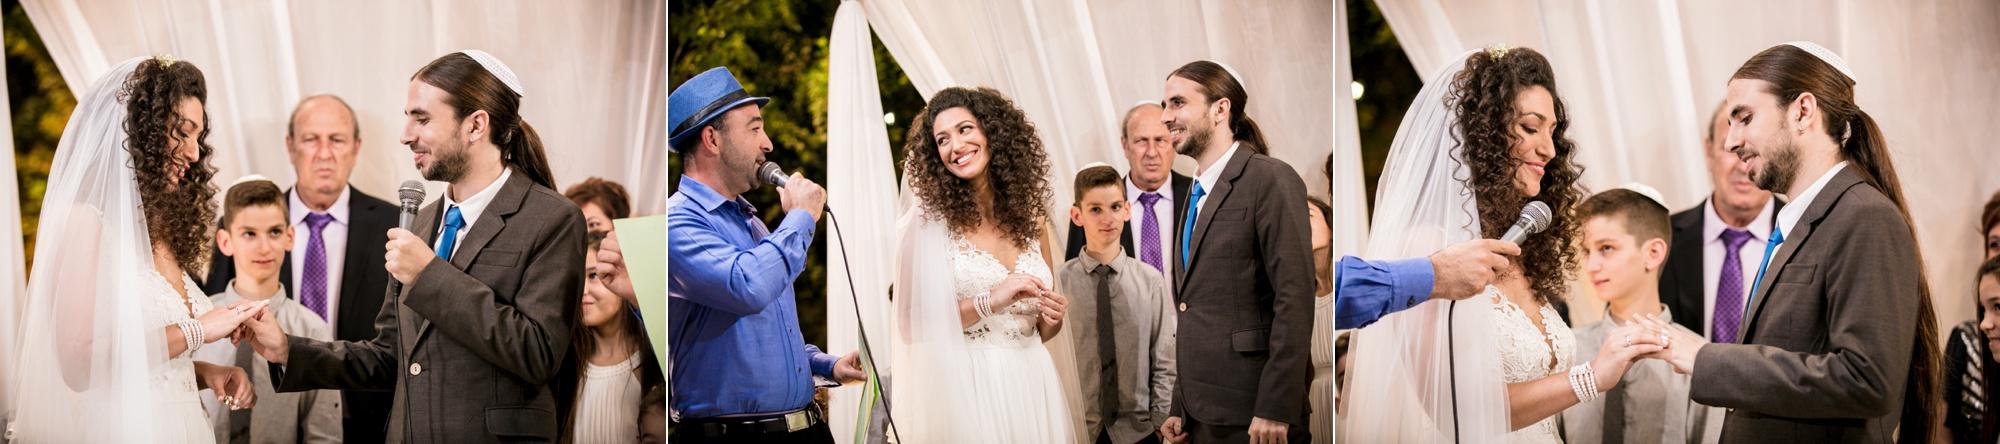 Yael&Harel-157.jpg